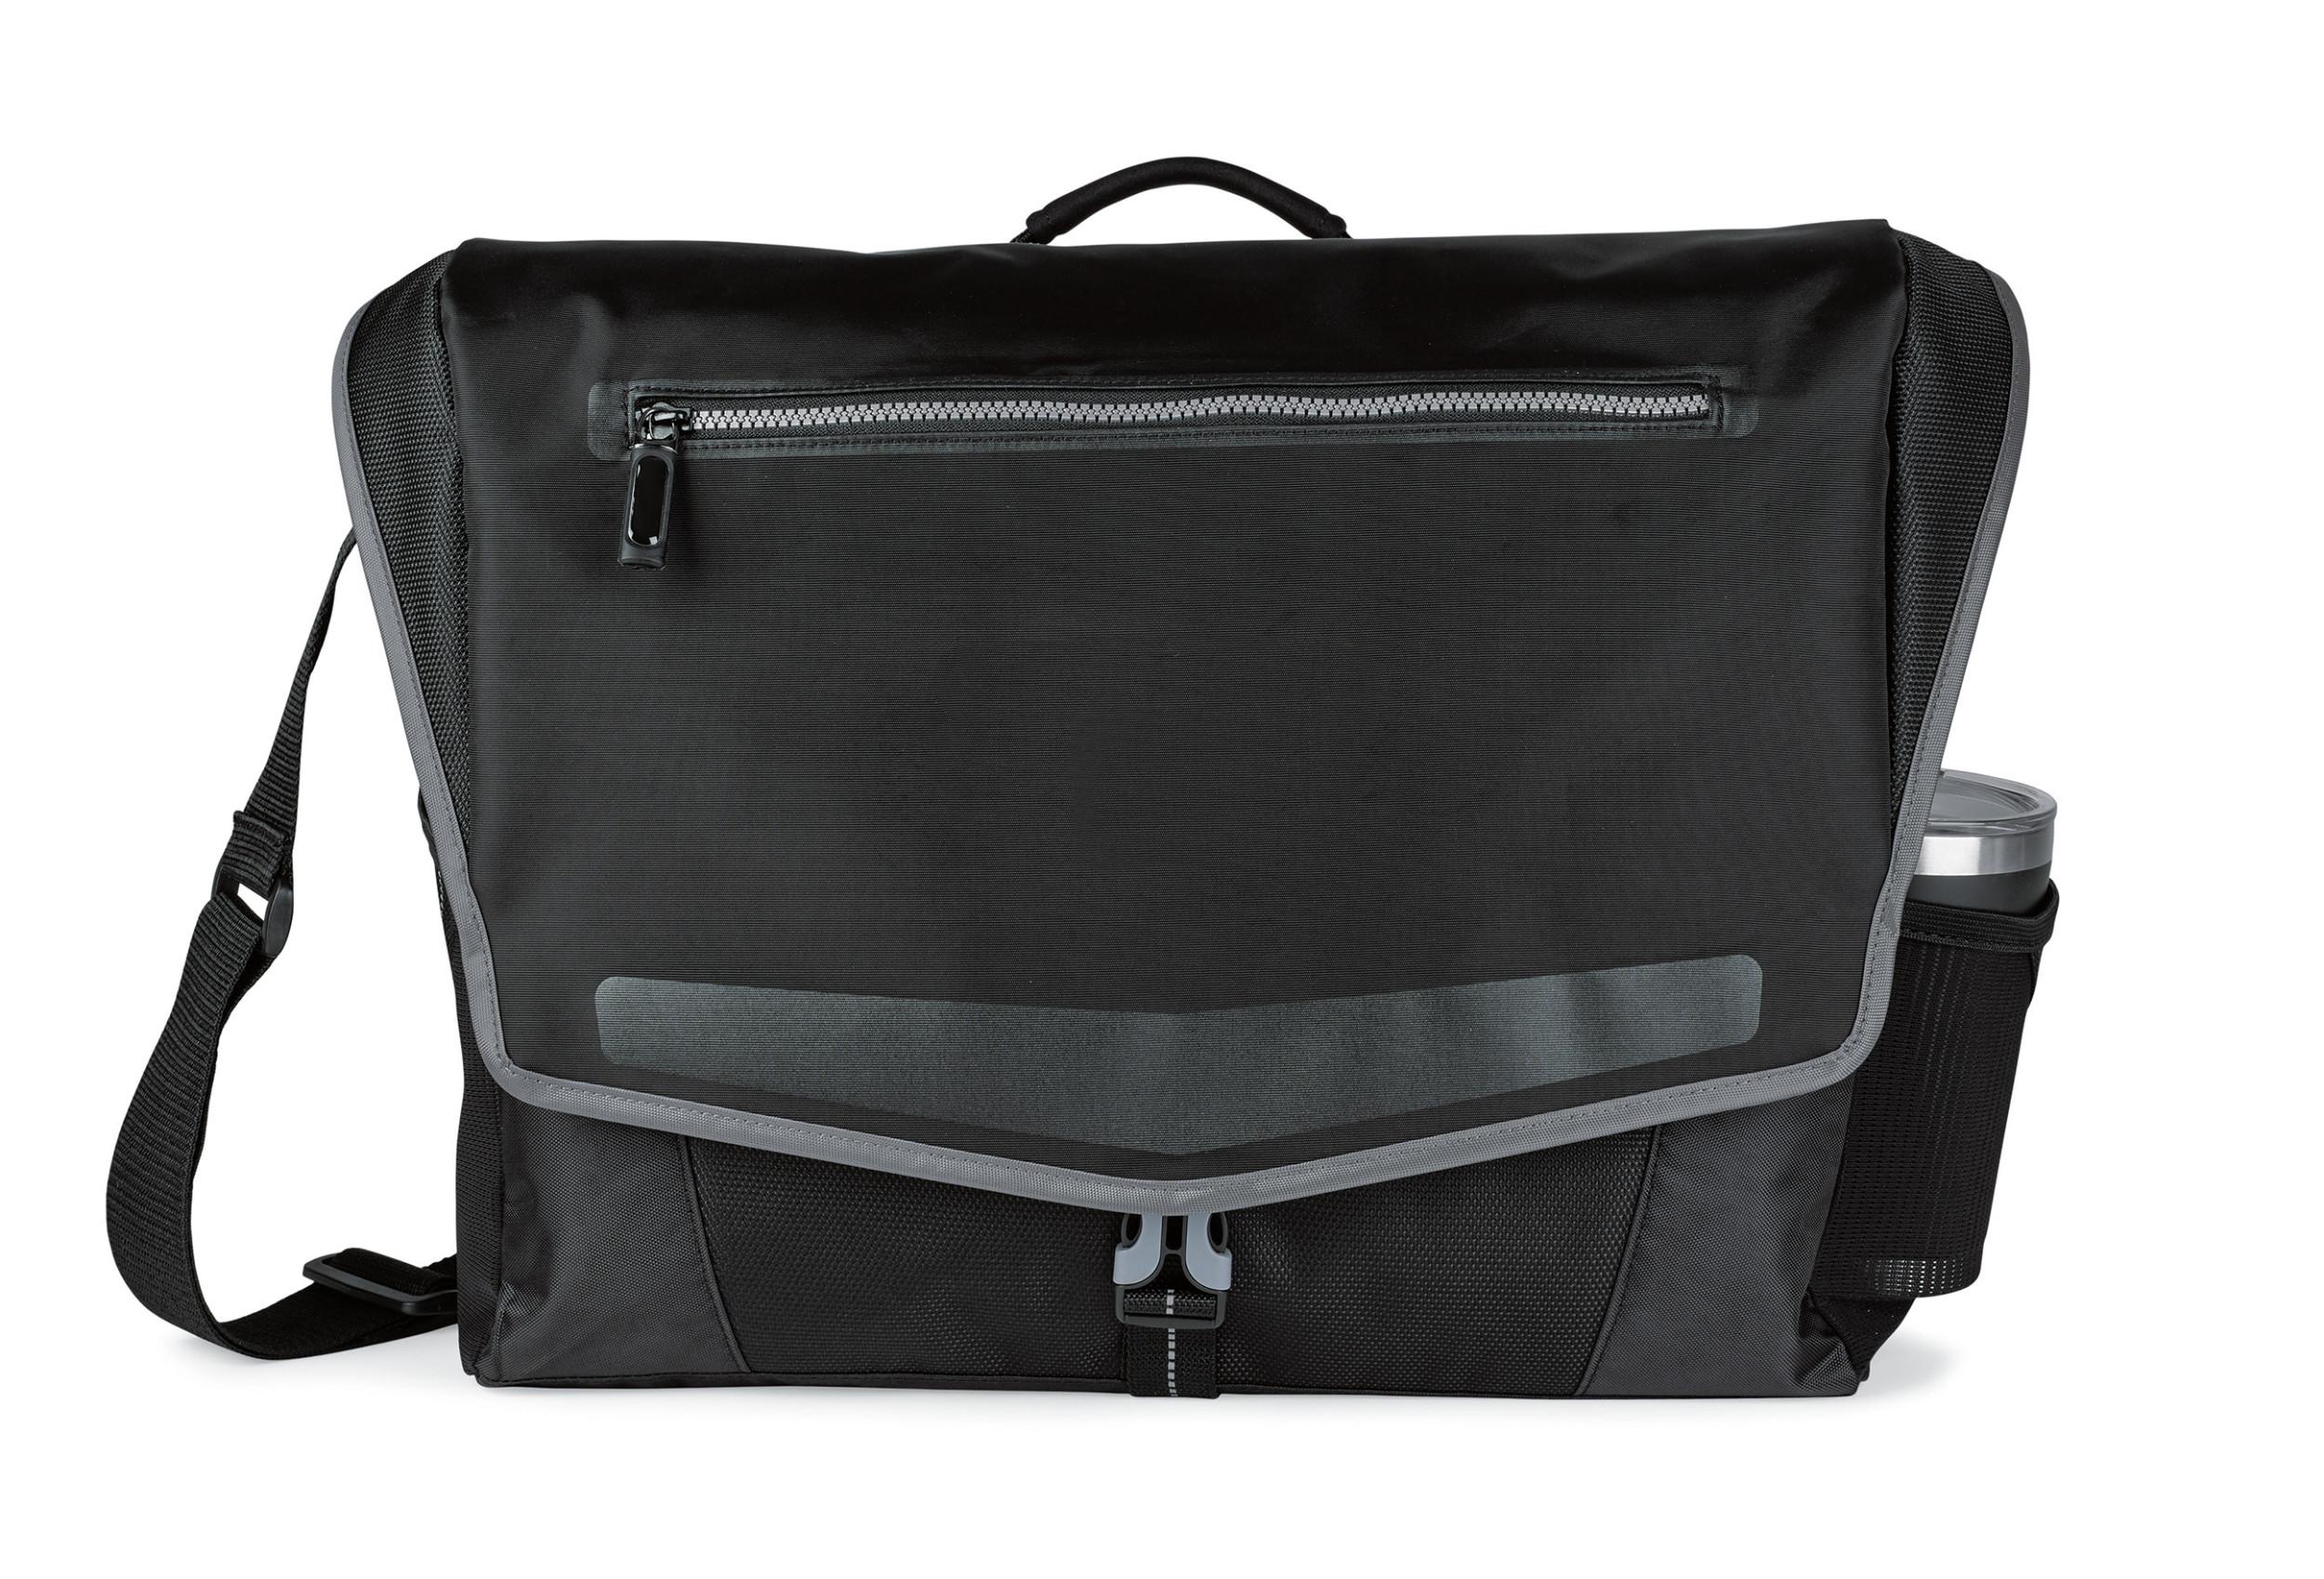 Gemline 2679 - Stryder Computer Messenger Bag